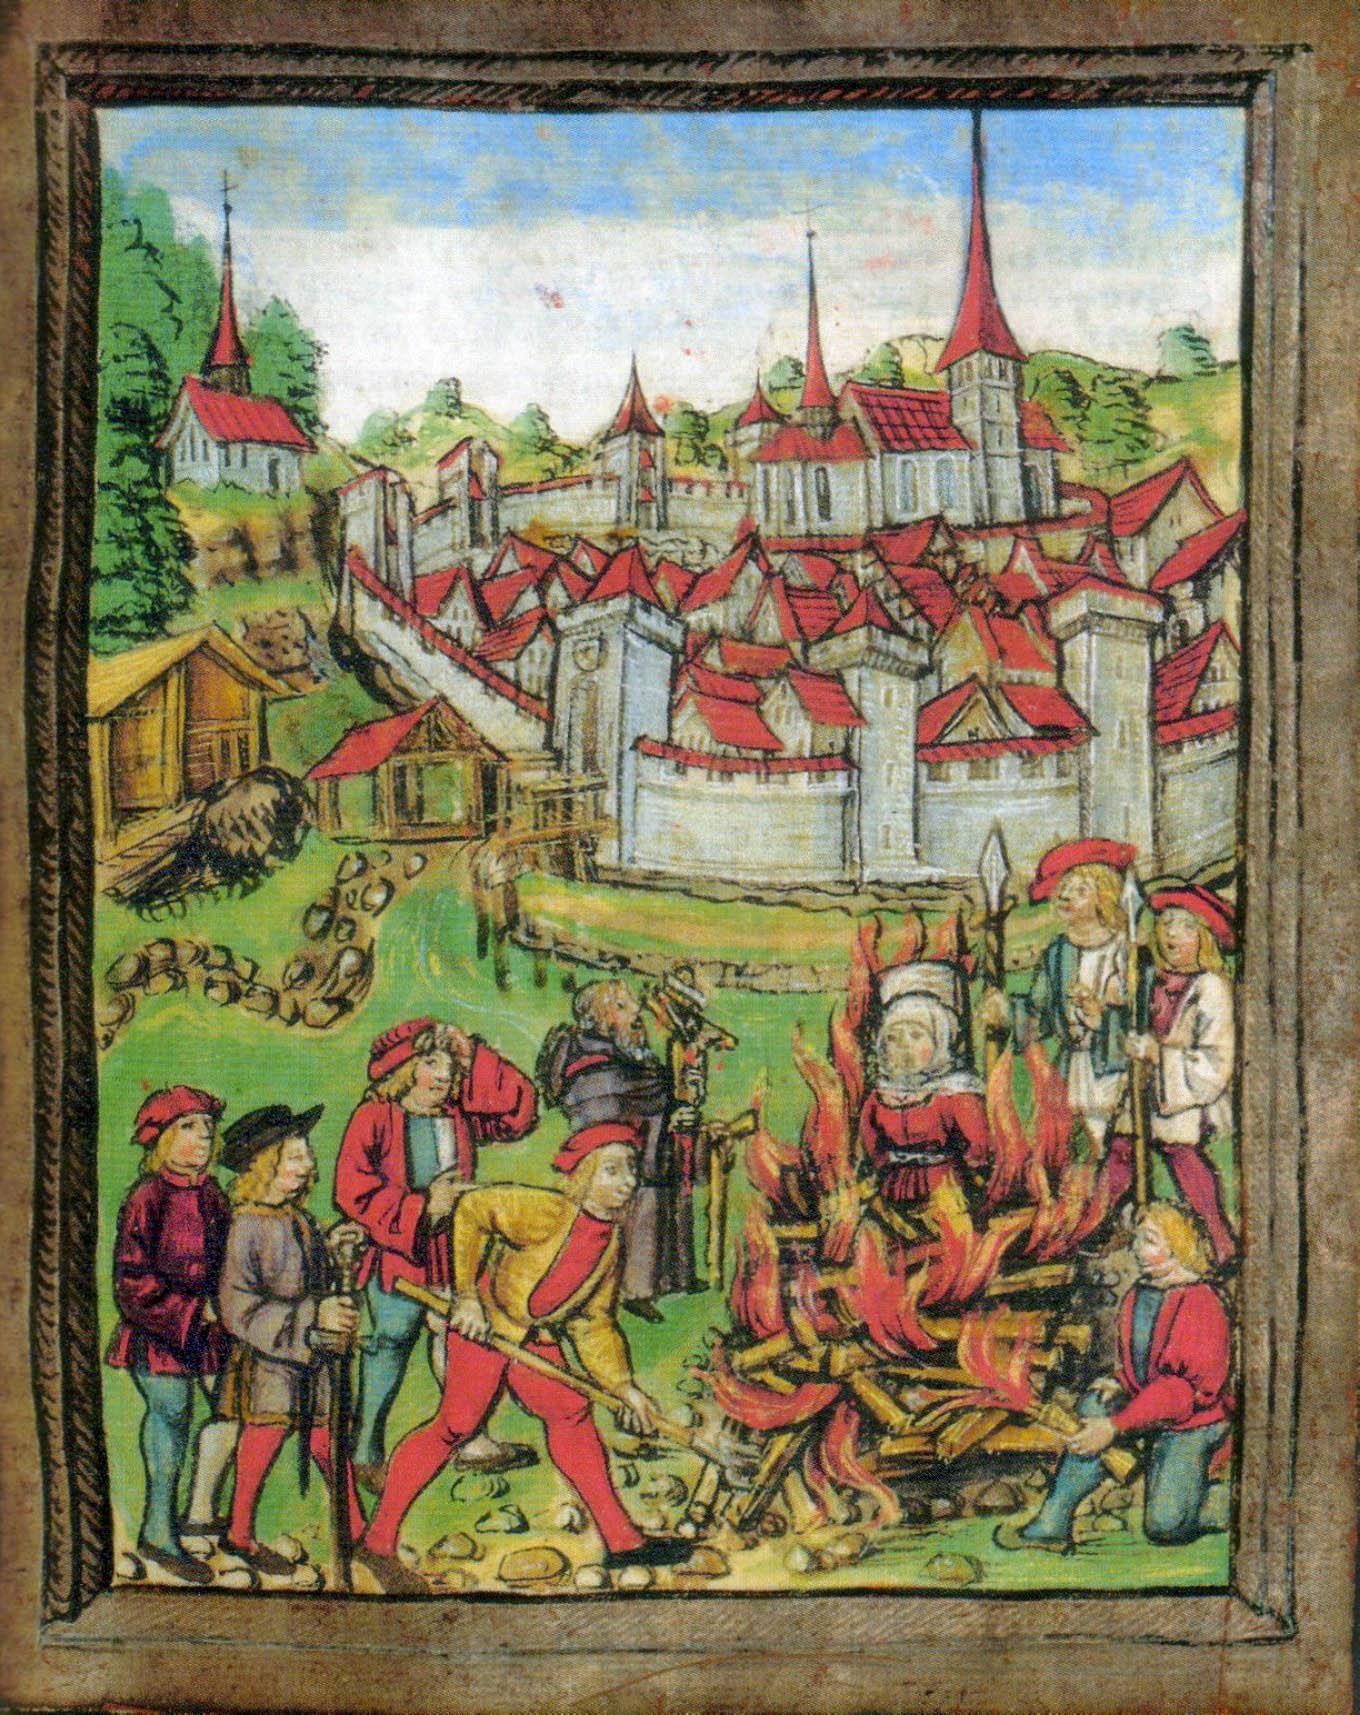 Anna Vögtlin uit Bischoffingen (Breisgau) wordt als heks voor de muren van Willisau verbrand. Er werd gezegd dat ze heilige hosties had gestolen. Afbeelding uit de Luzerner Bilderchronik (1513) van Diepold Schilling. bron: https://commons.wikimedia.org/wiki/File:Willisau_1447.JPG